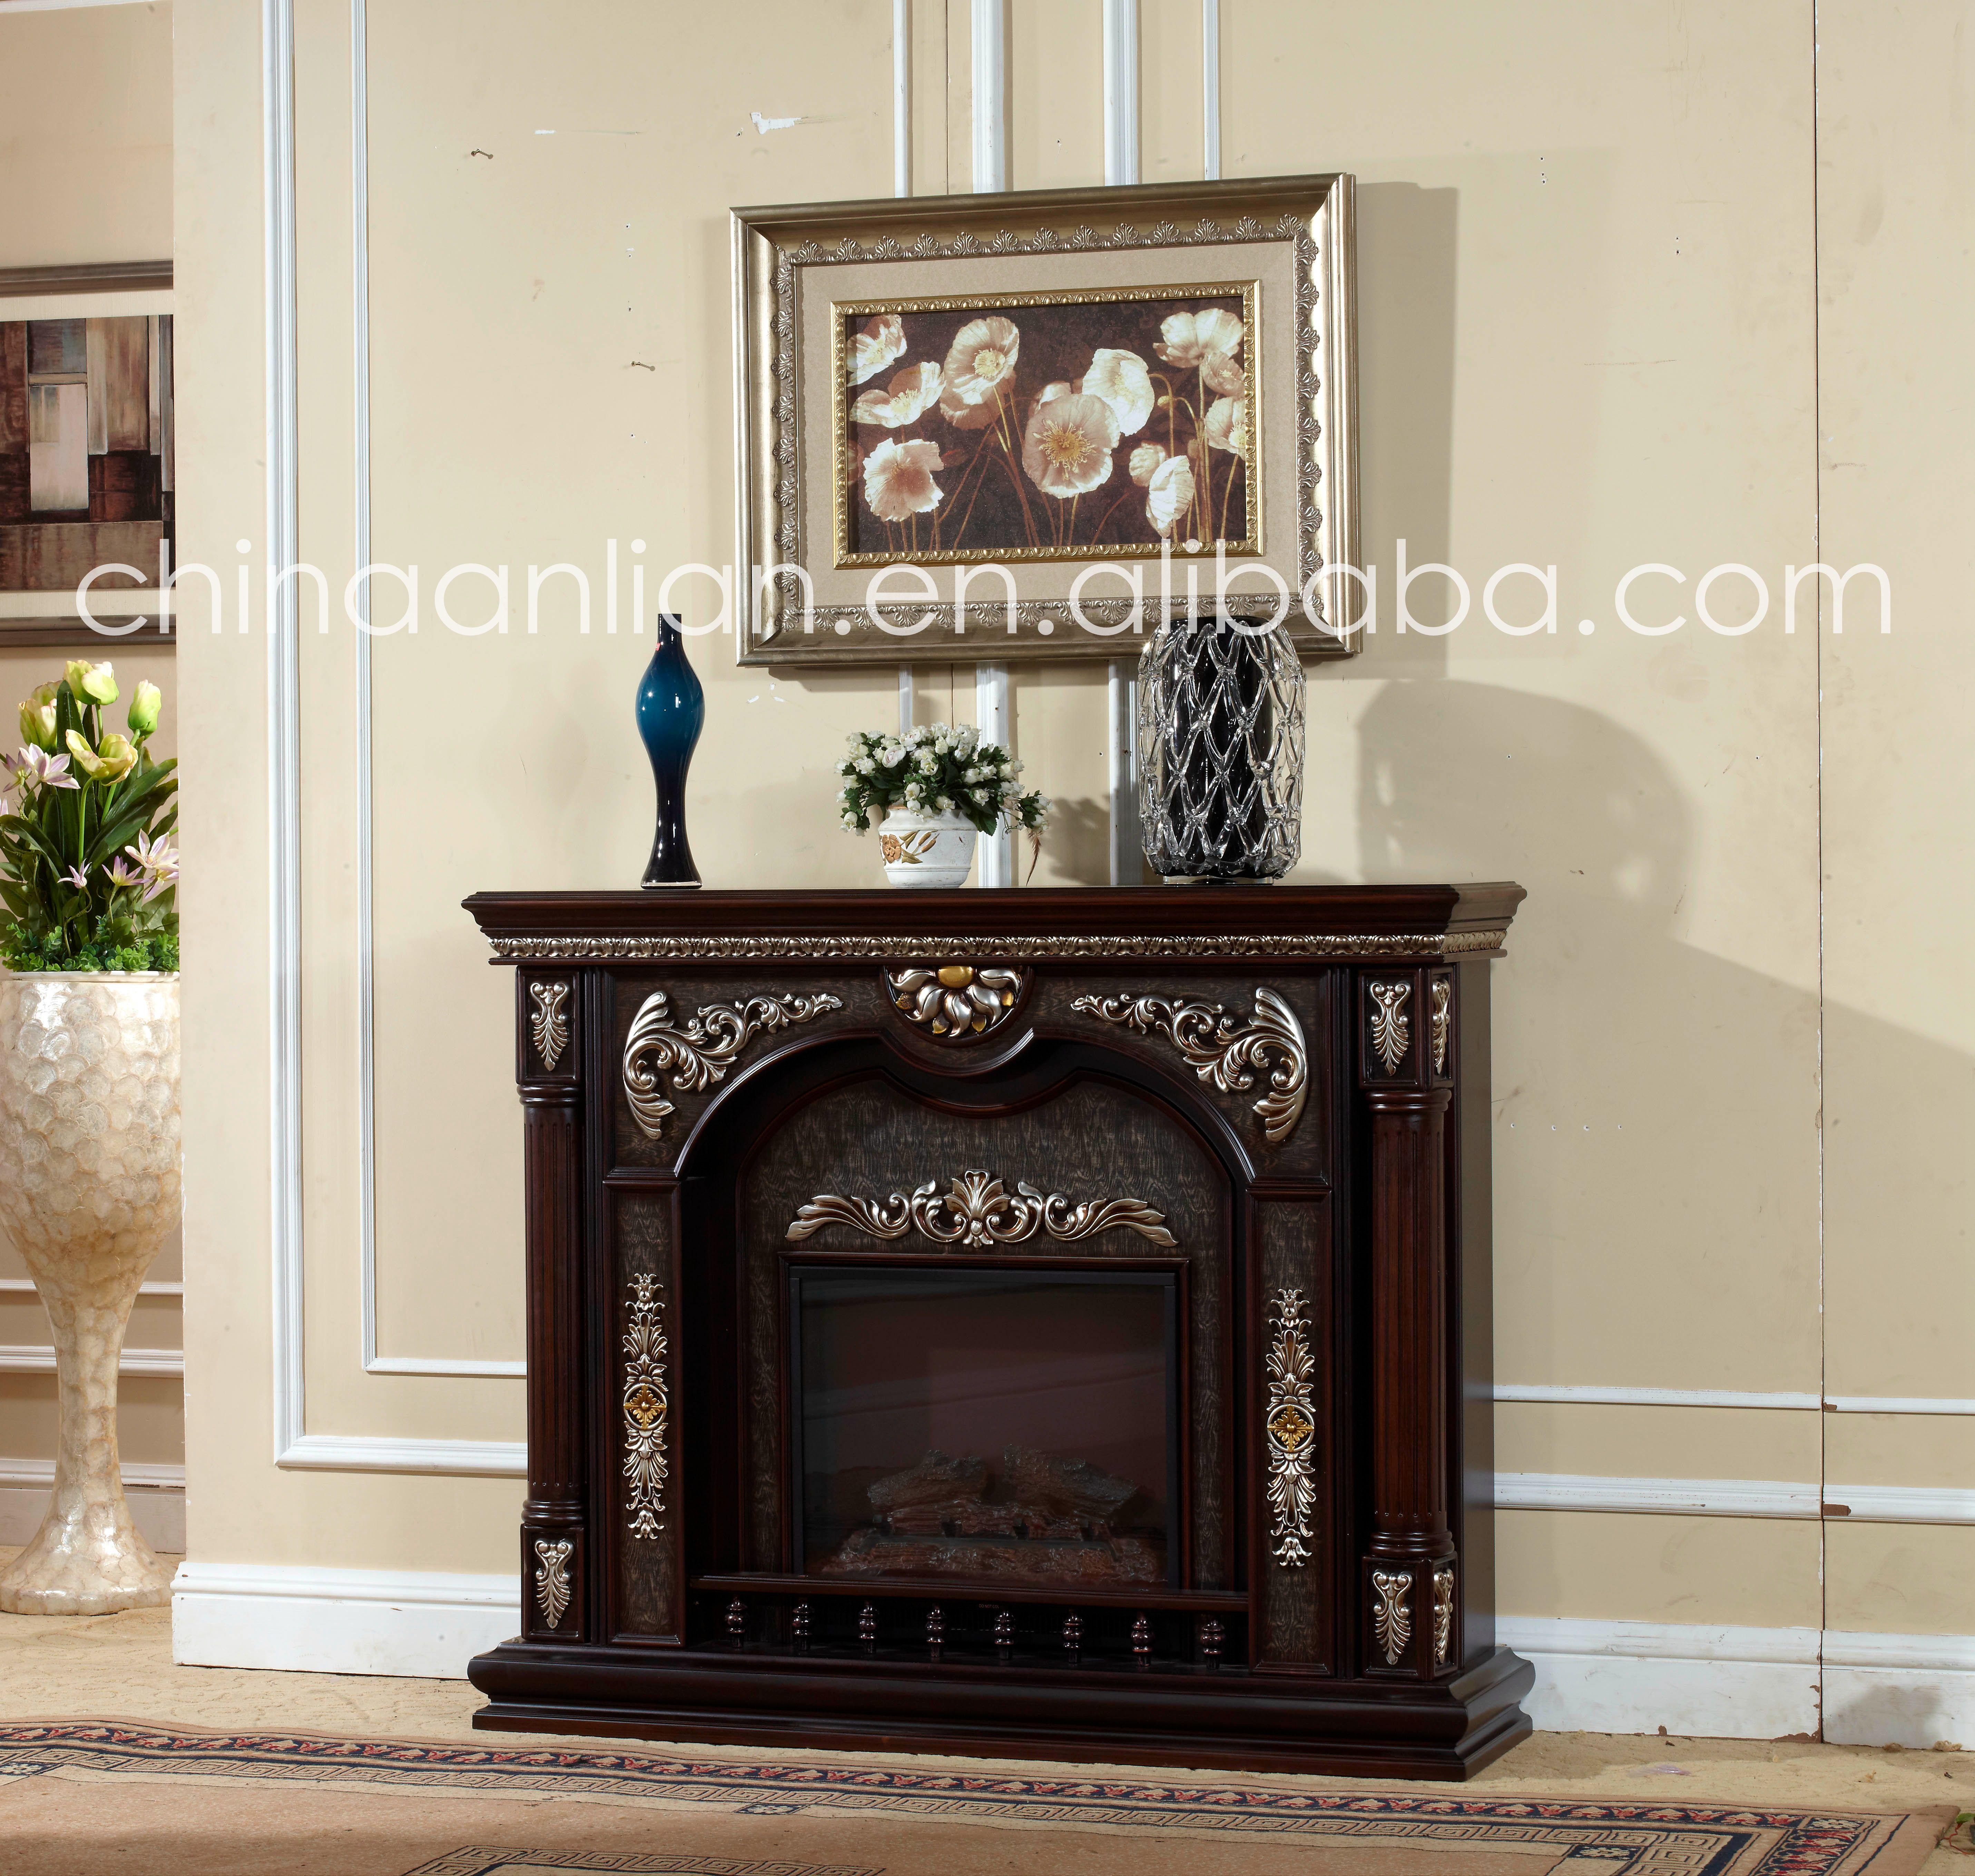 Großartig Amerikanischer Kamin Referenz Von Finden Sie Hohe Qualität American Style Hersteller